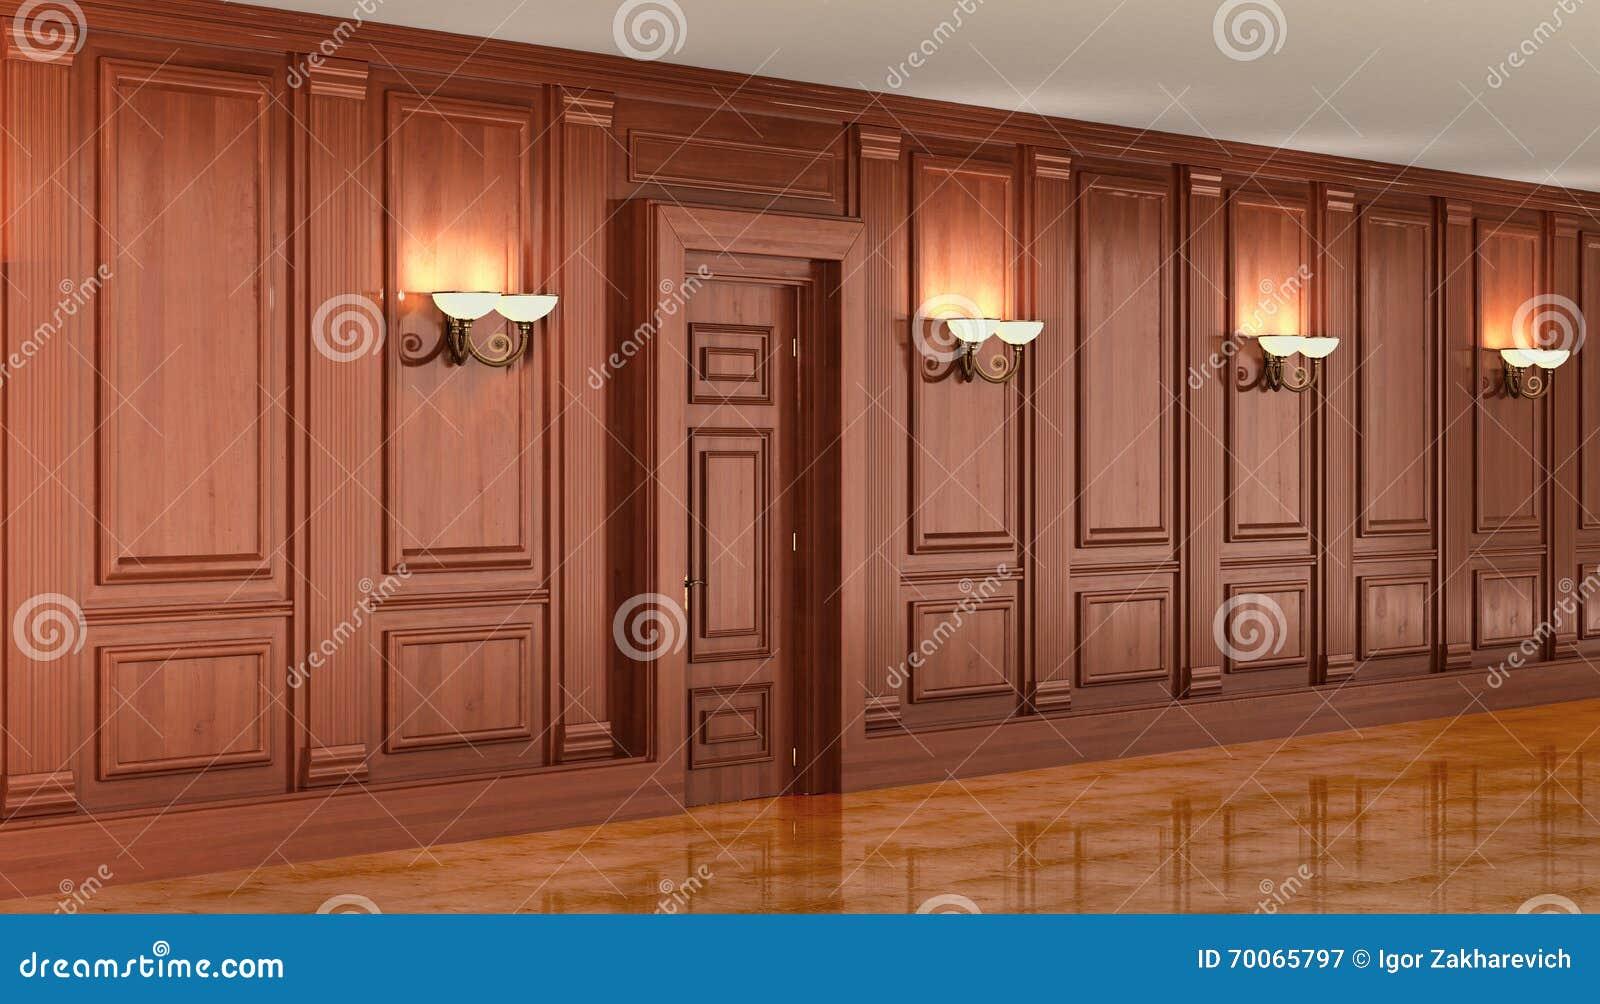 Revestimiento de madera de madera en el interior imagen de for Revestimiento interior madera